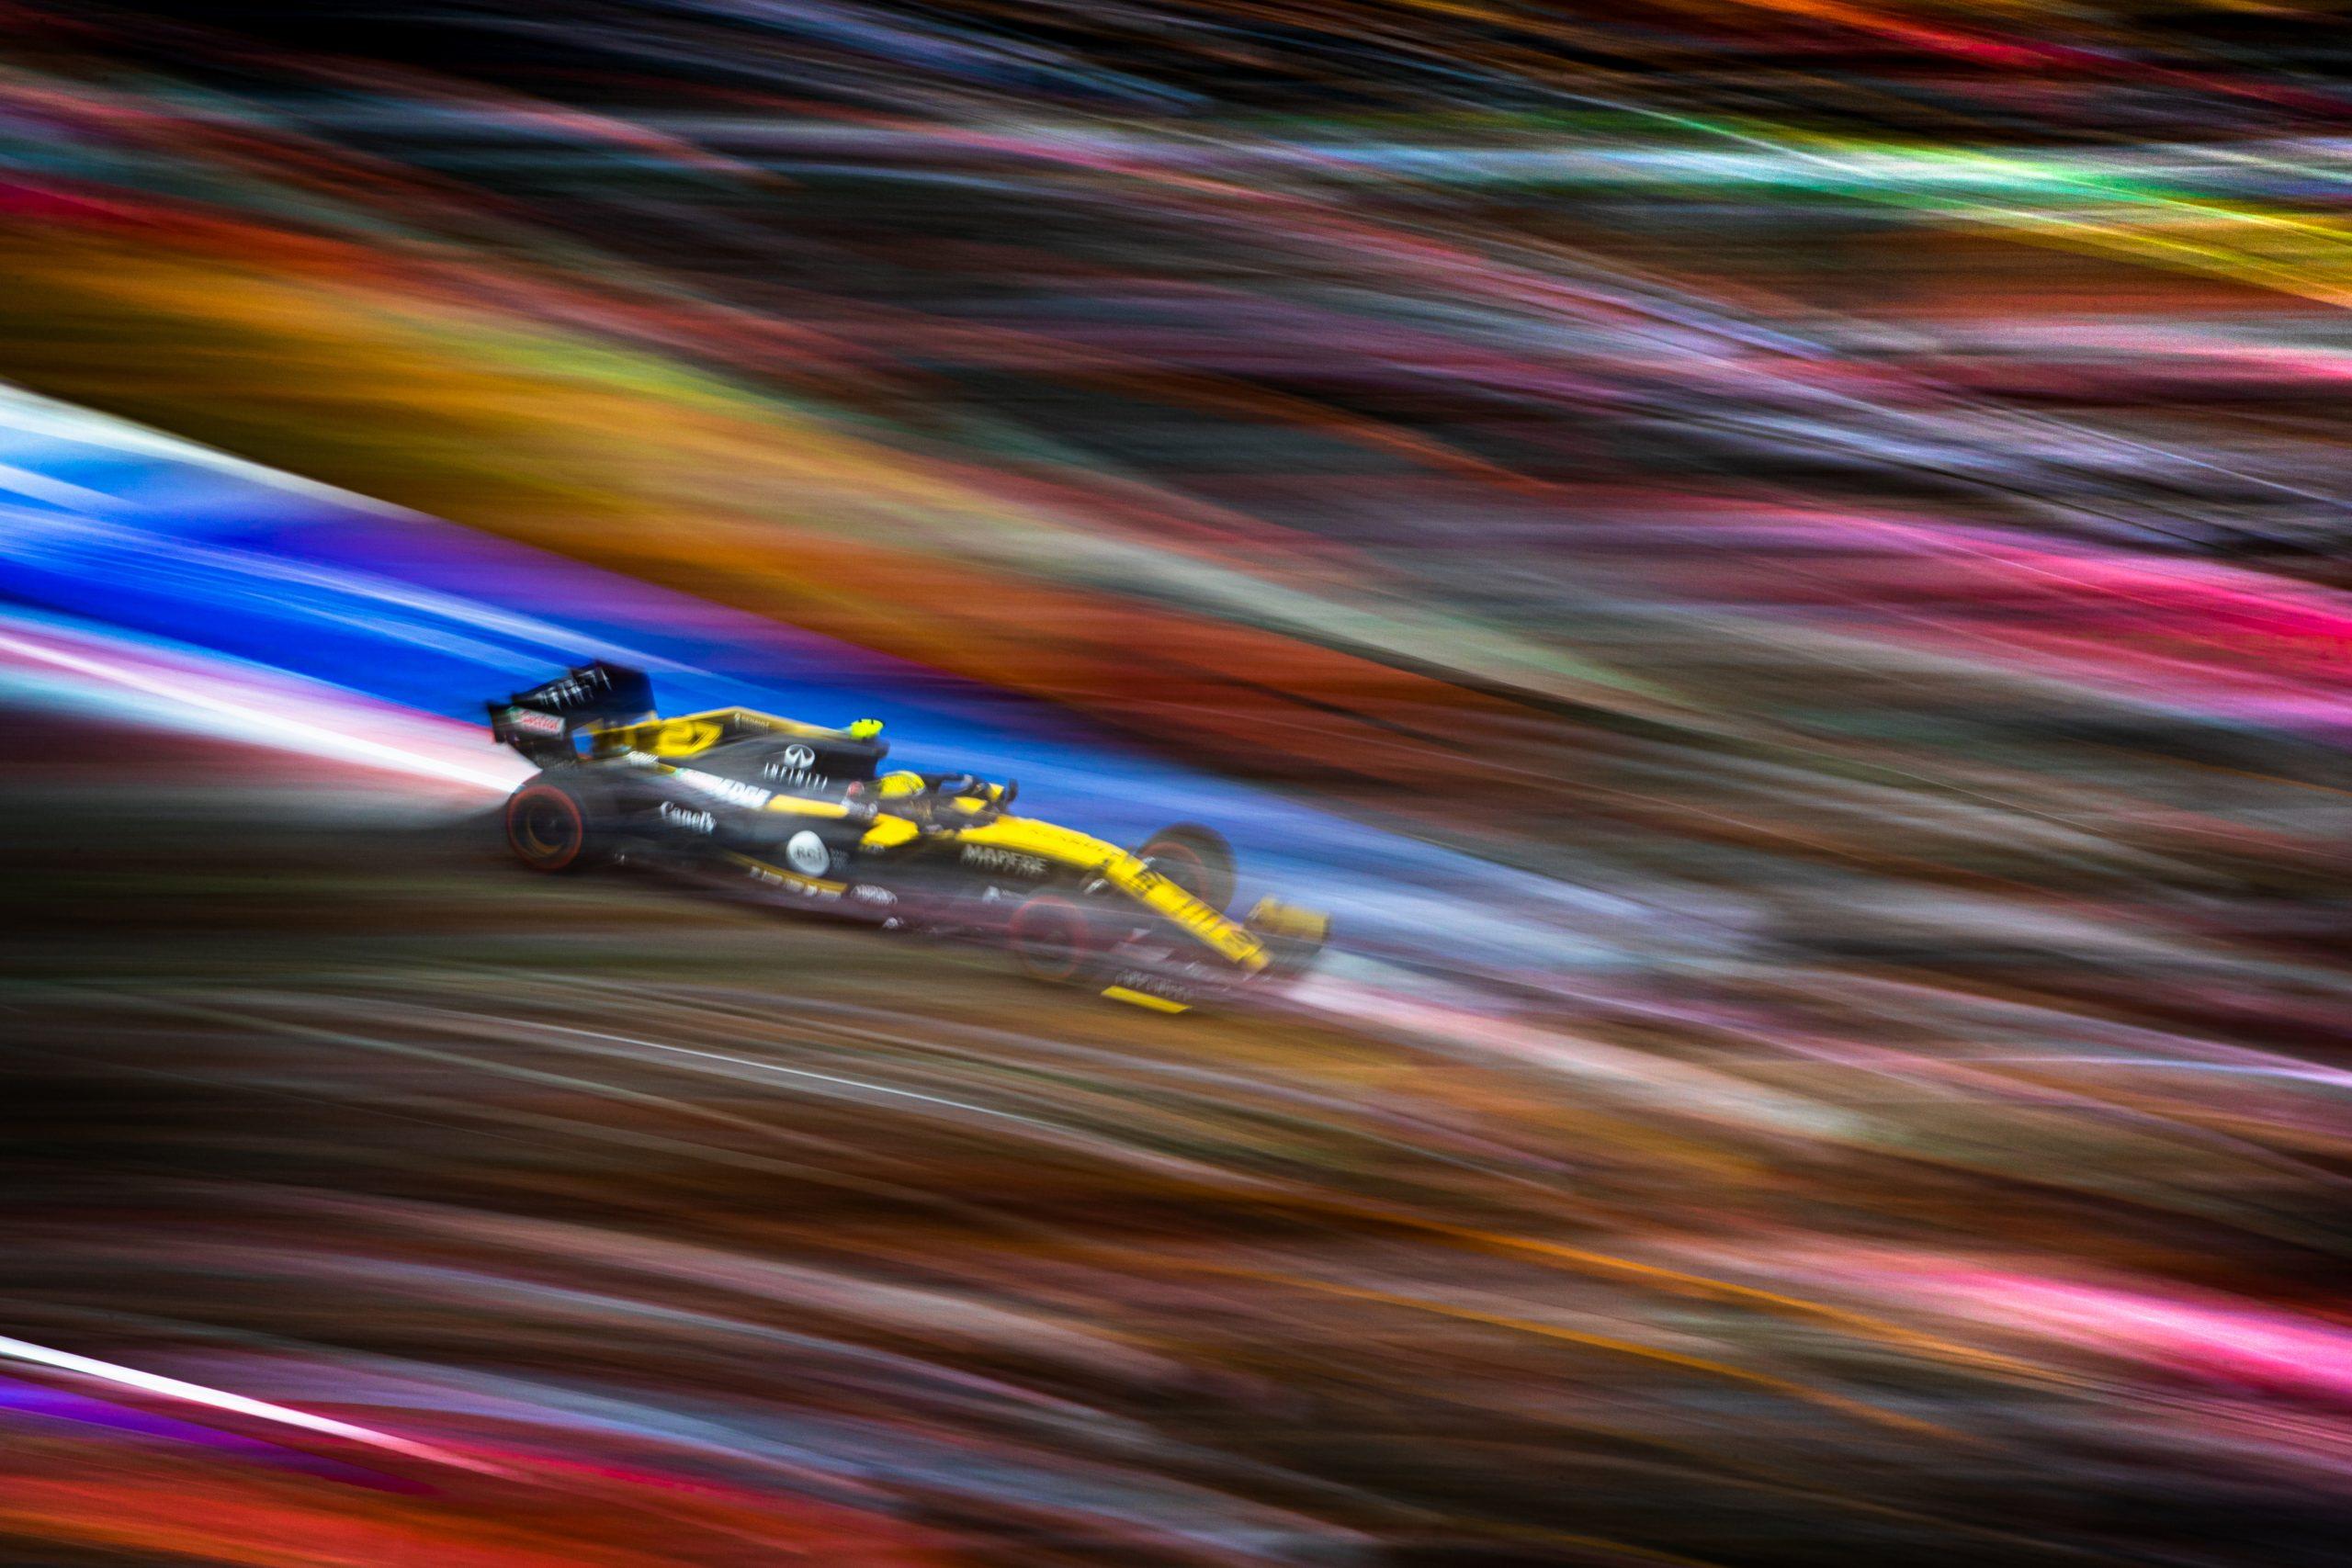 F1 – MEXICO GRAND PRIX – 2019